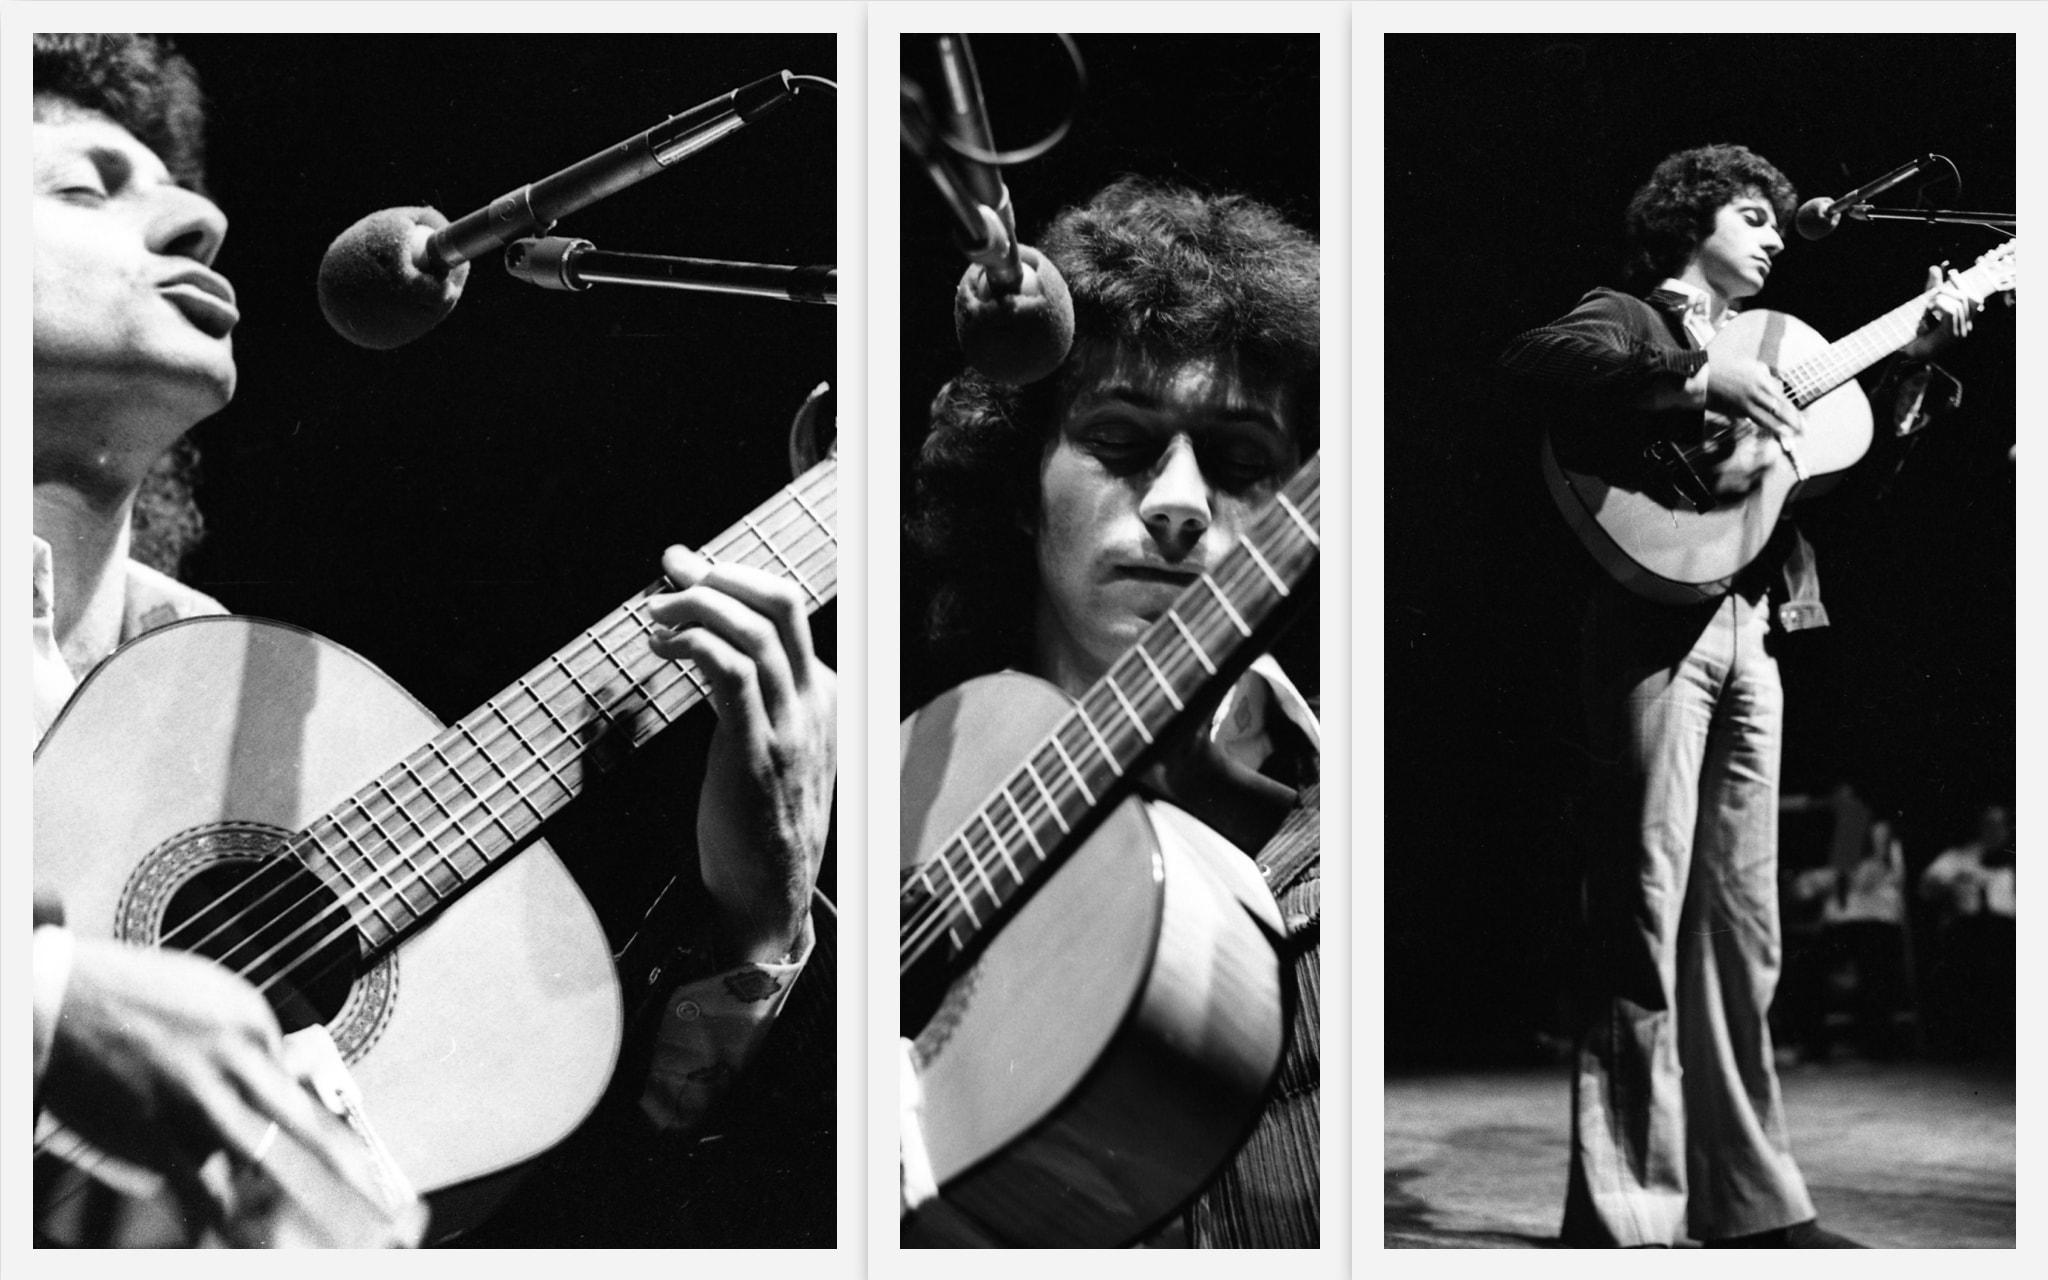 מתי כספי בערב שירי משוררים בבית החייל בתל אביב, 25 בינואר 1972 (צילום: אוסף דן הדני, הספרייה הלאומית)